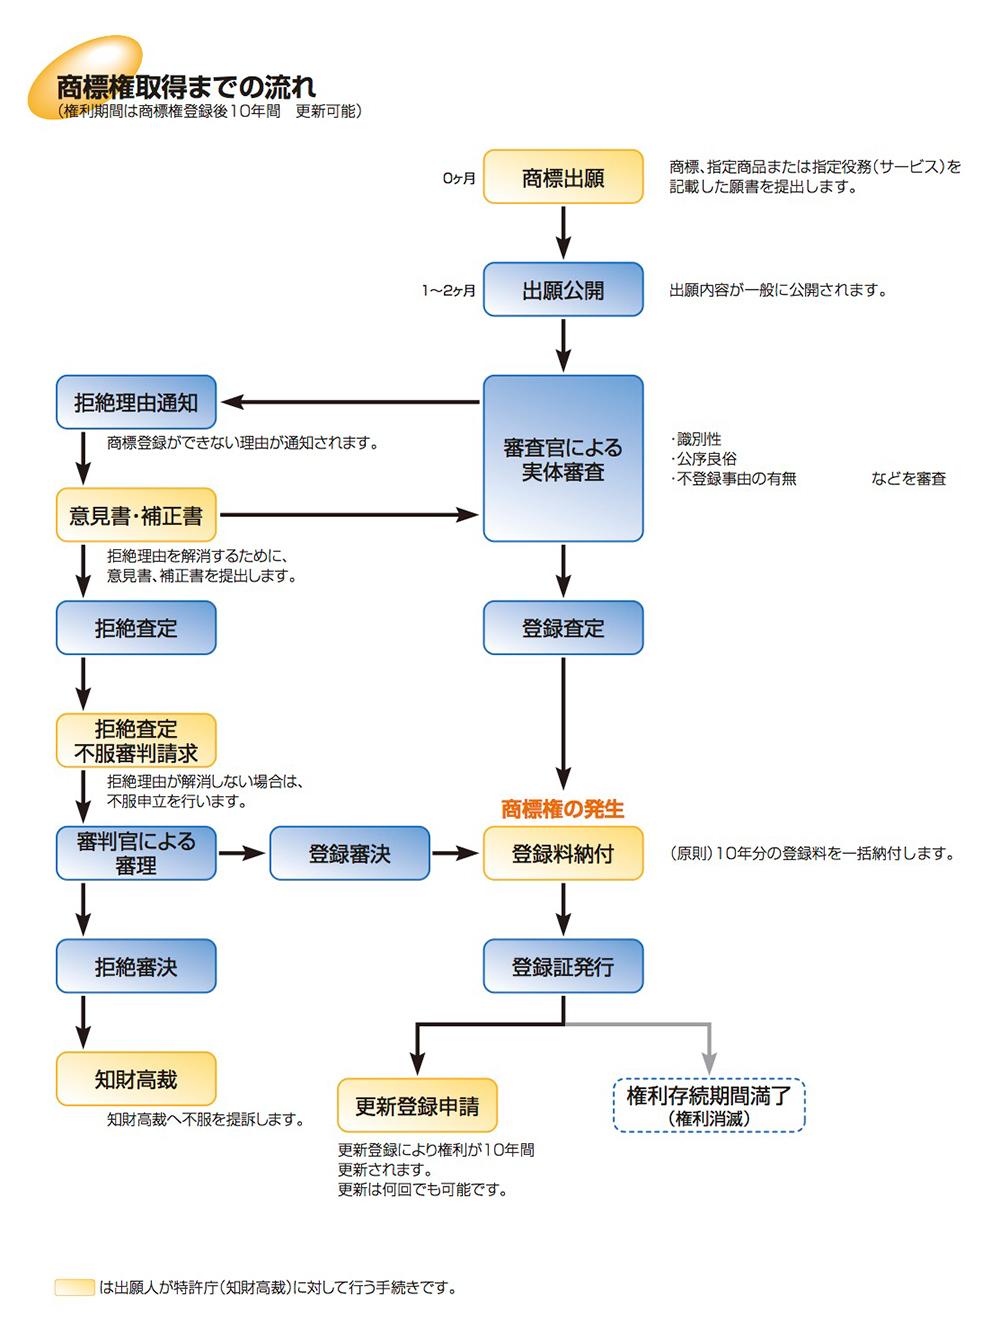 外国特許出願の流れ(PCT出願)